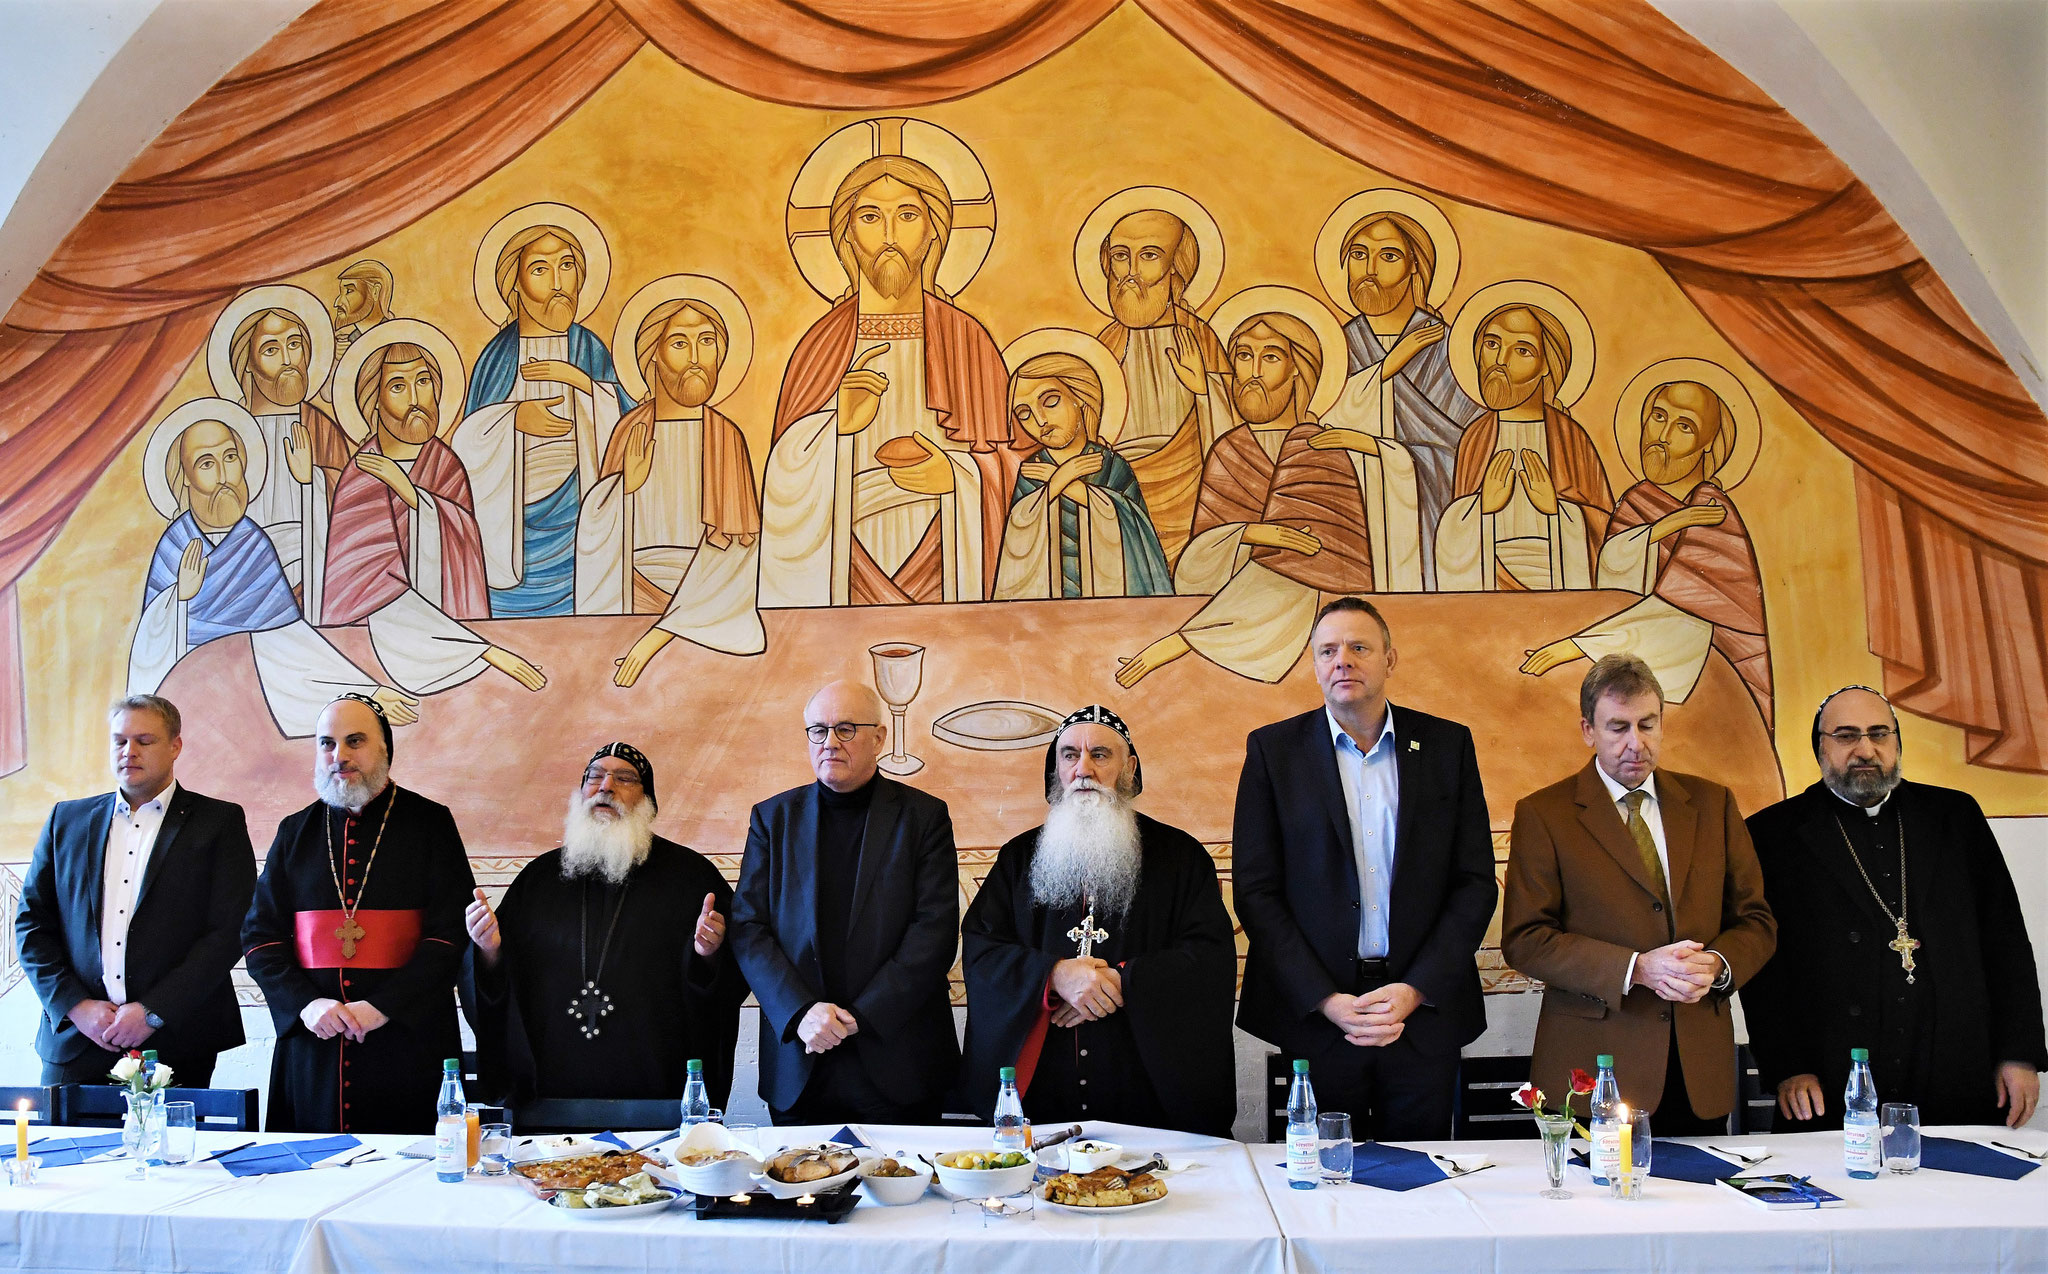 Gemeinsames Danksagungsgebet im Refektorium vor der Abendmahlszene von Dr. Stephané René. Foto: Maria Hopp